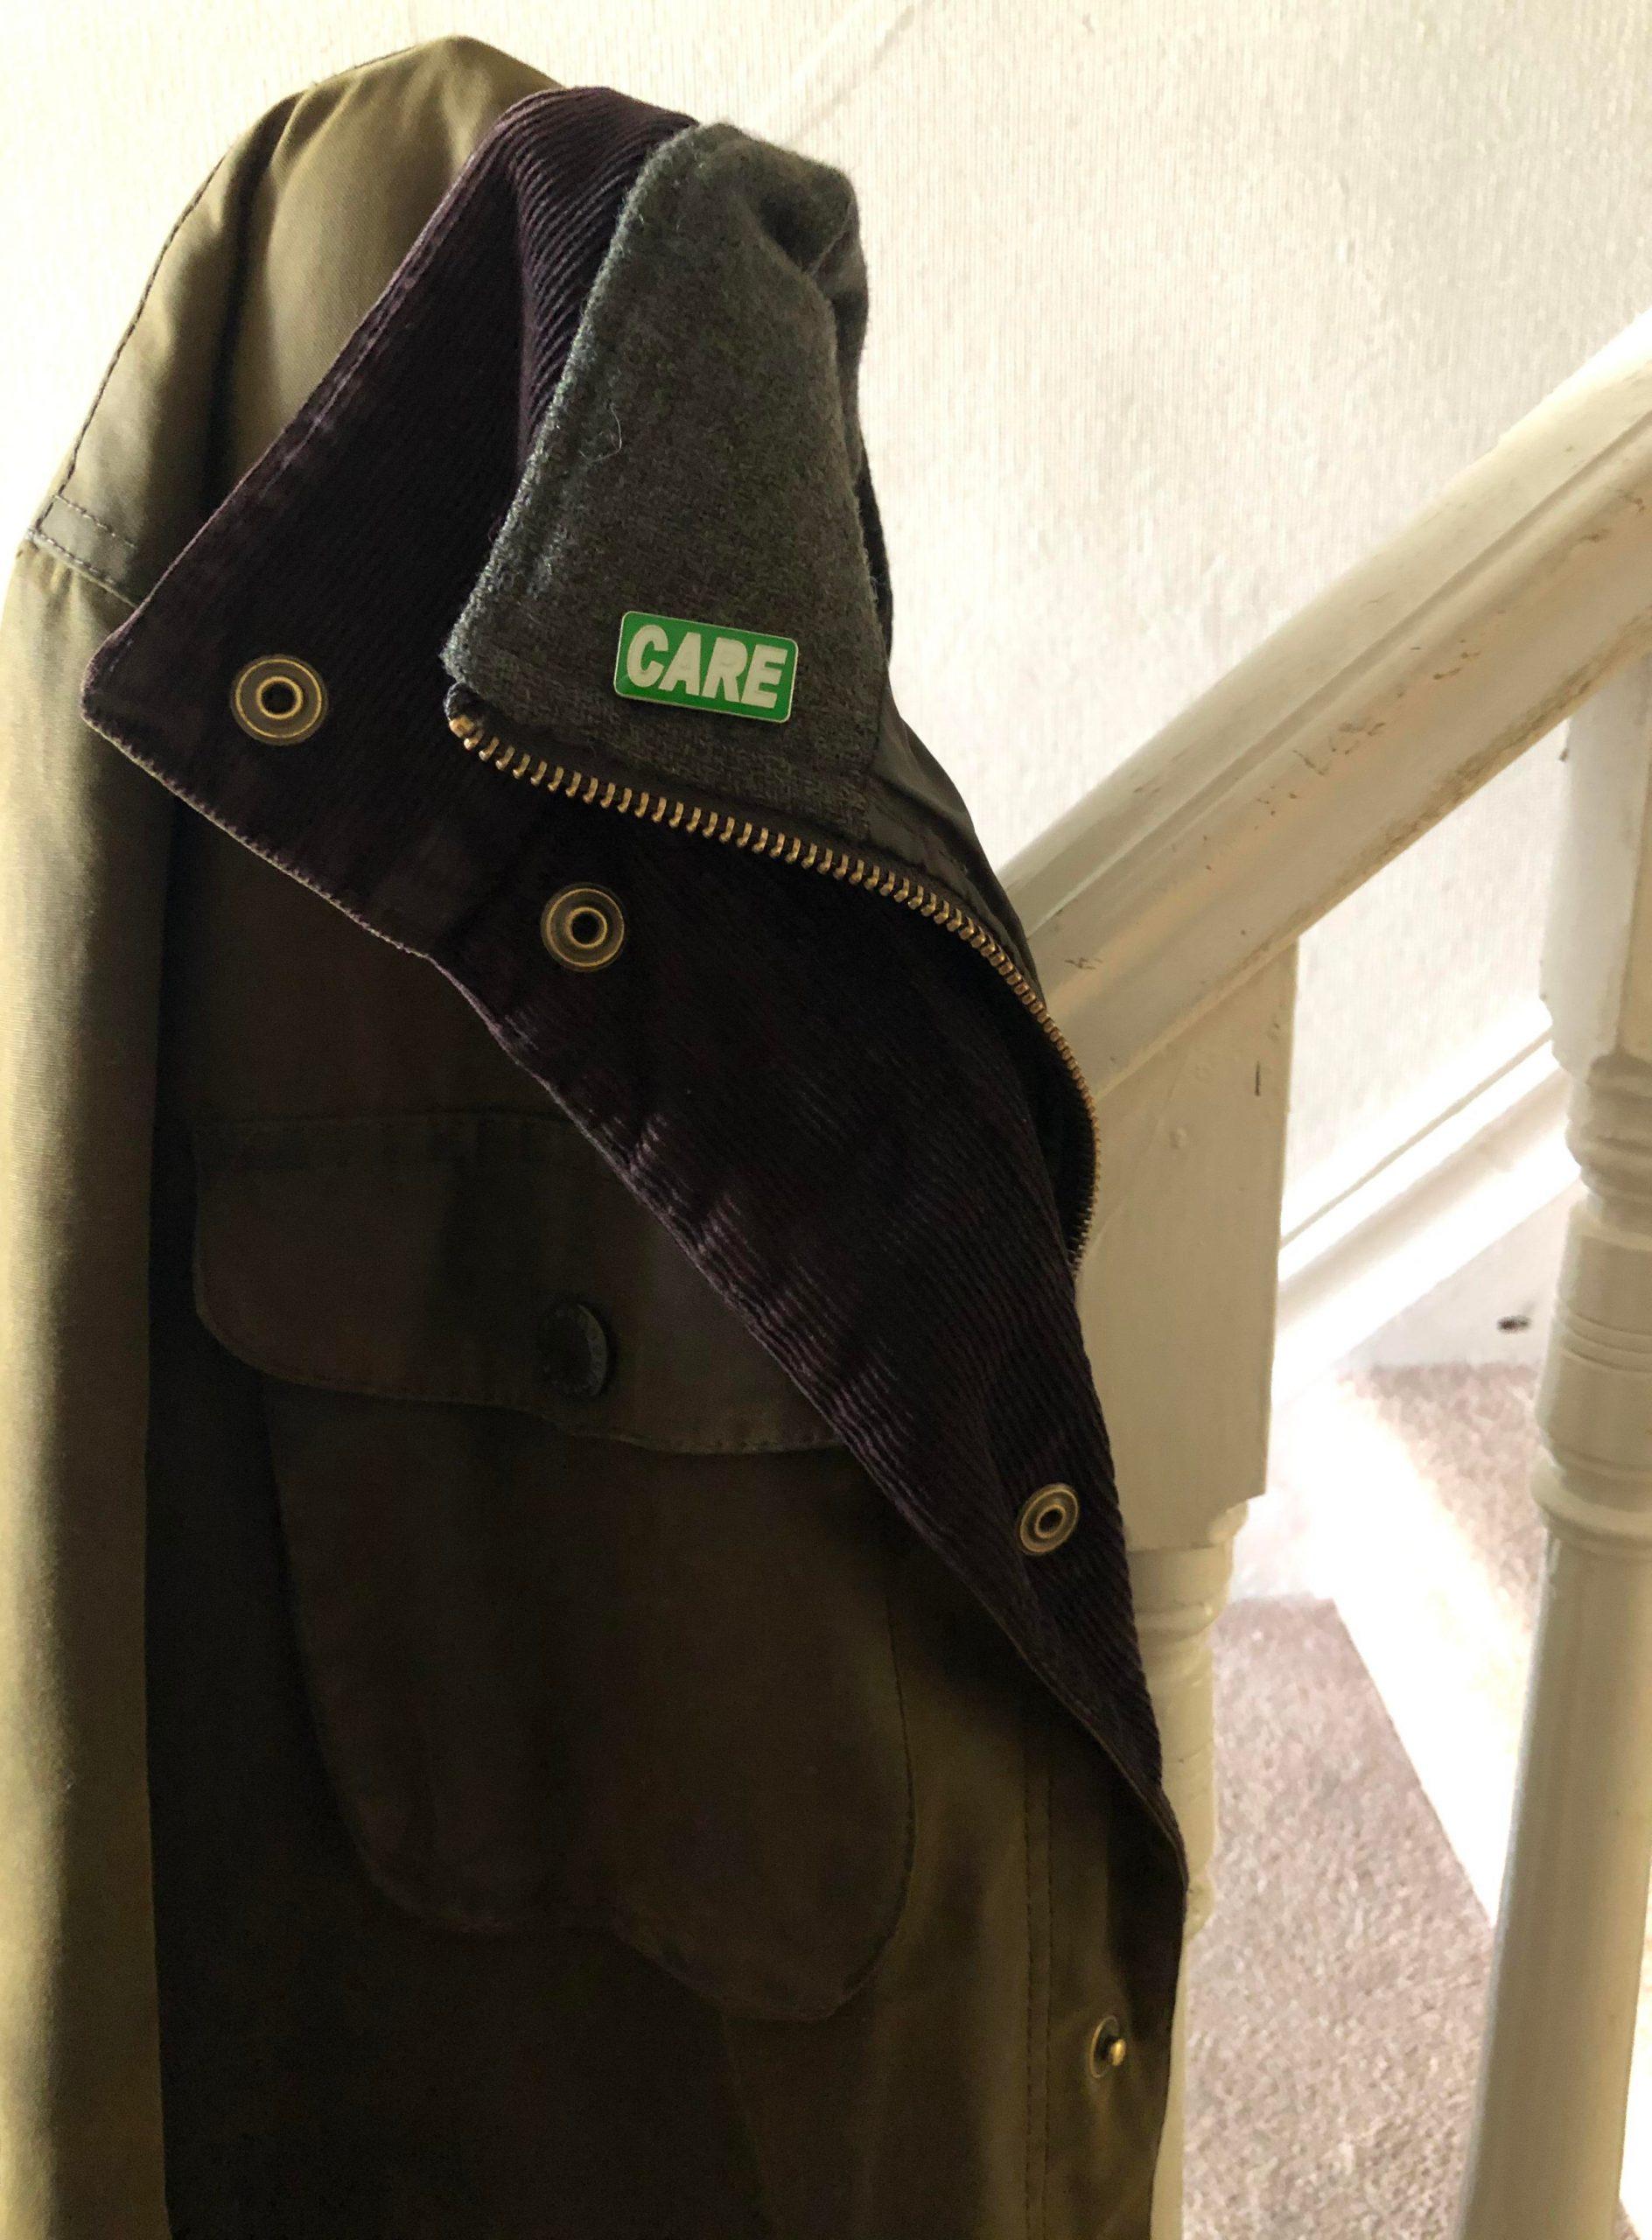 Care Jacket